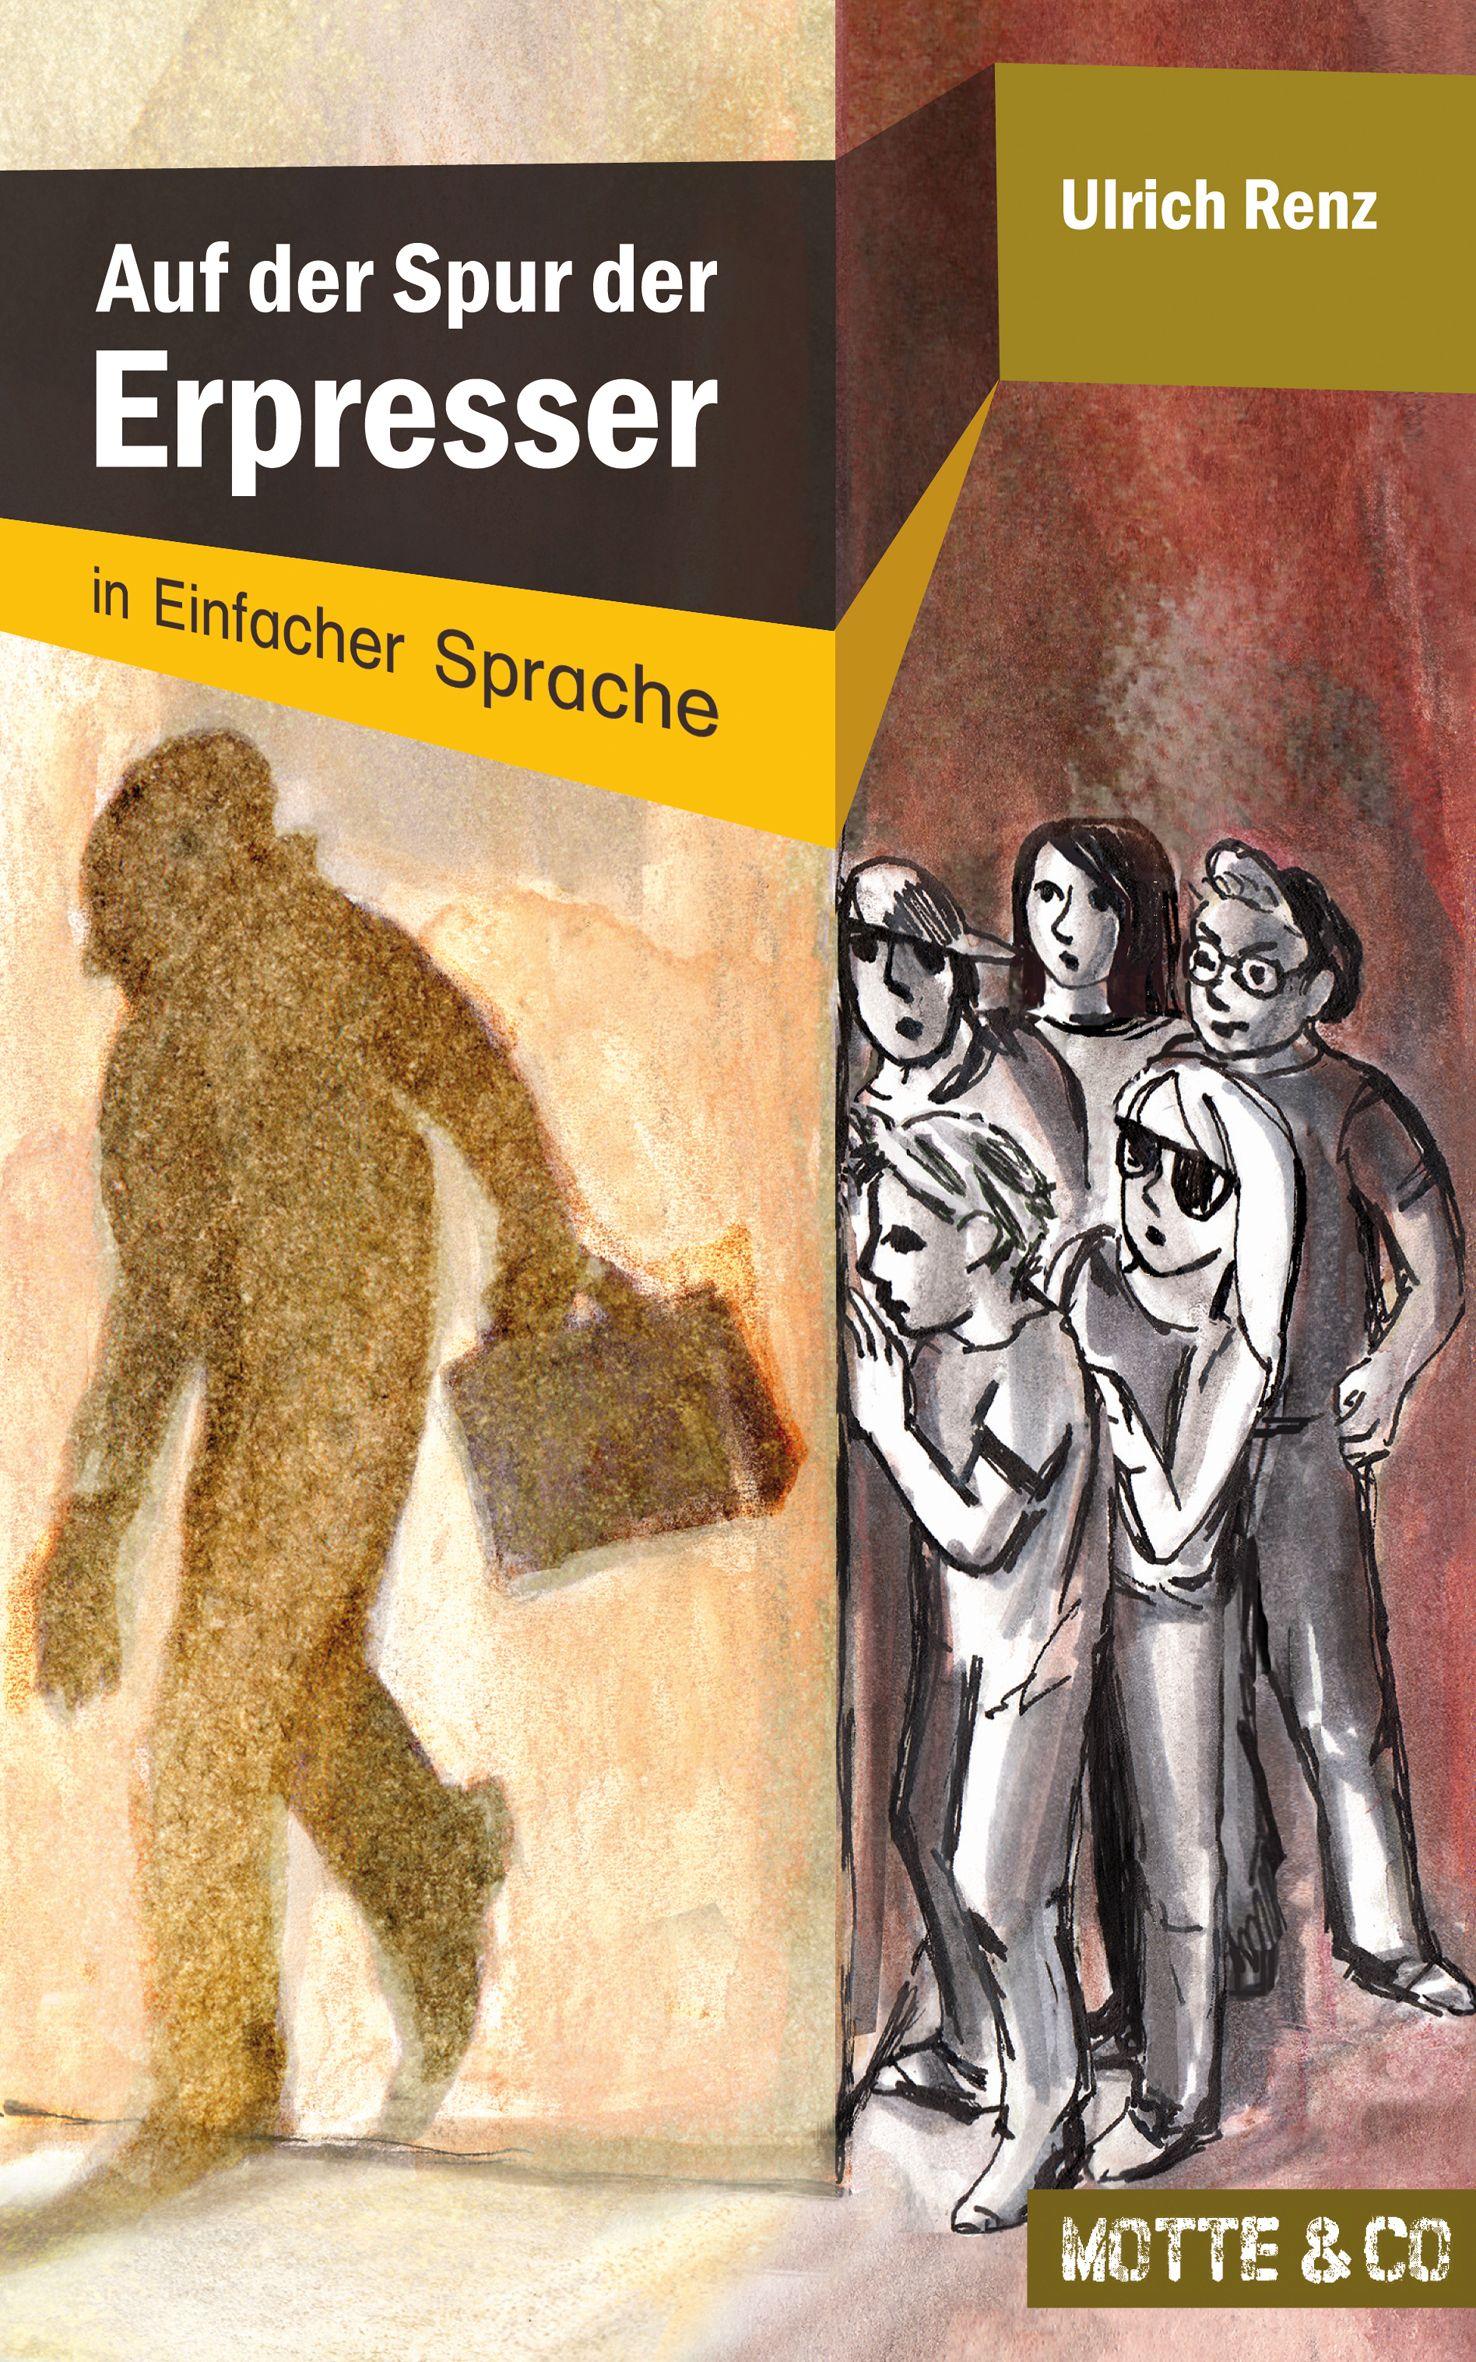 Ulrich Renz Auf der Spur der Erpresser: In Einfacher Sprache